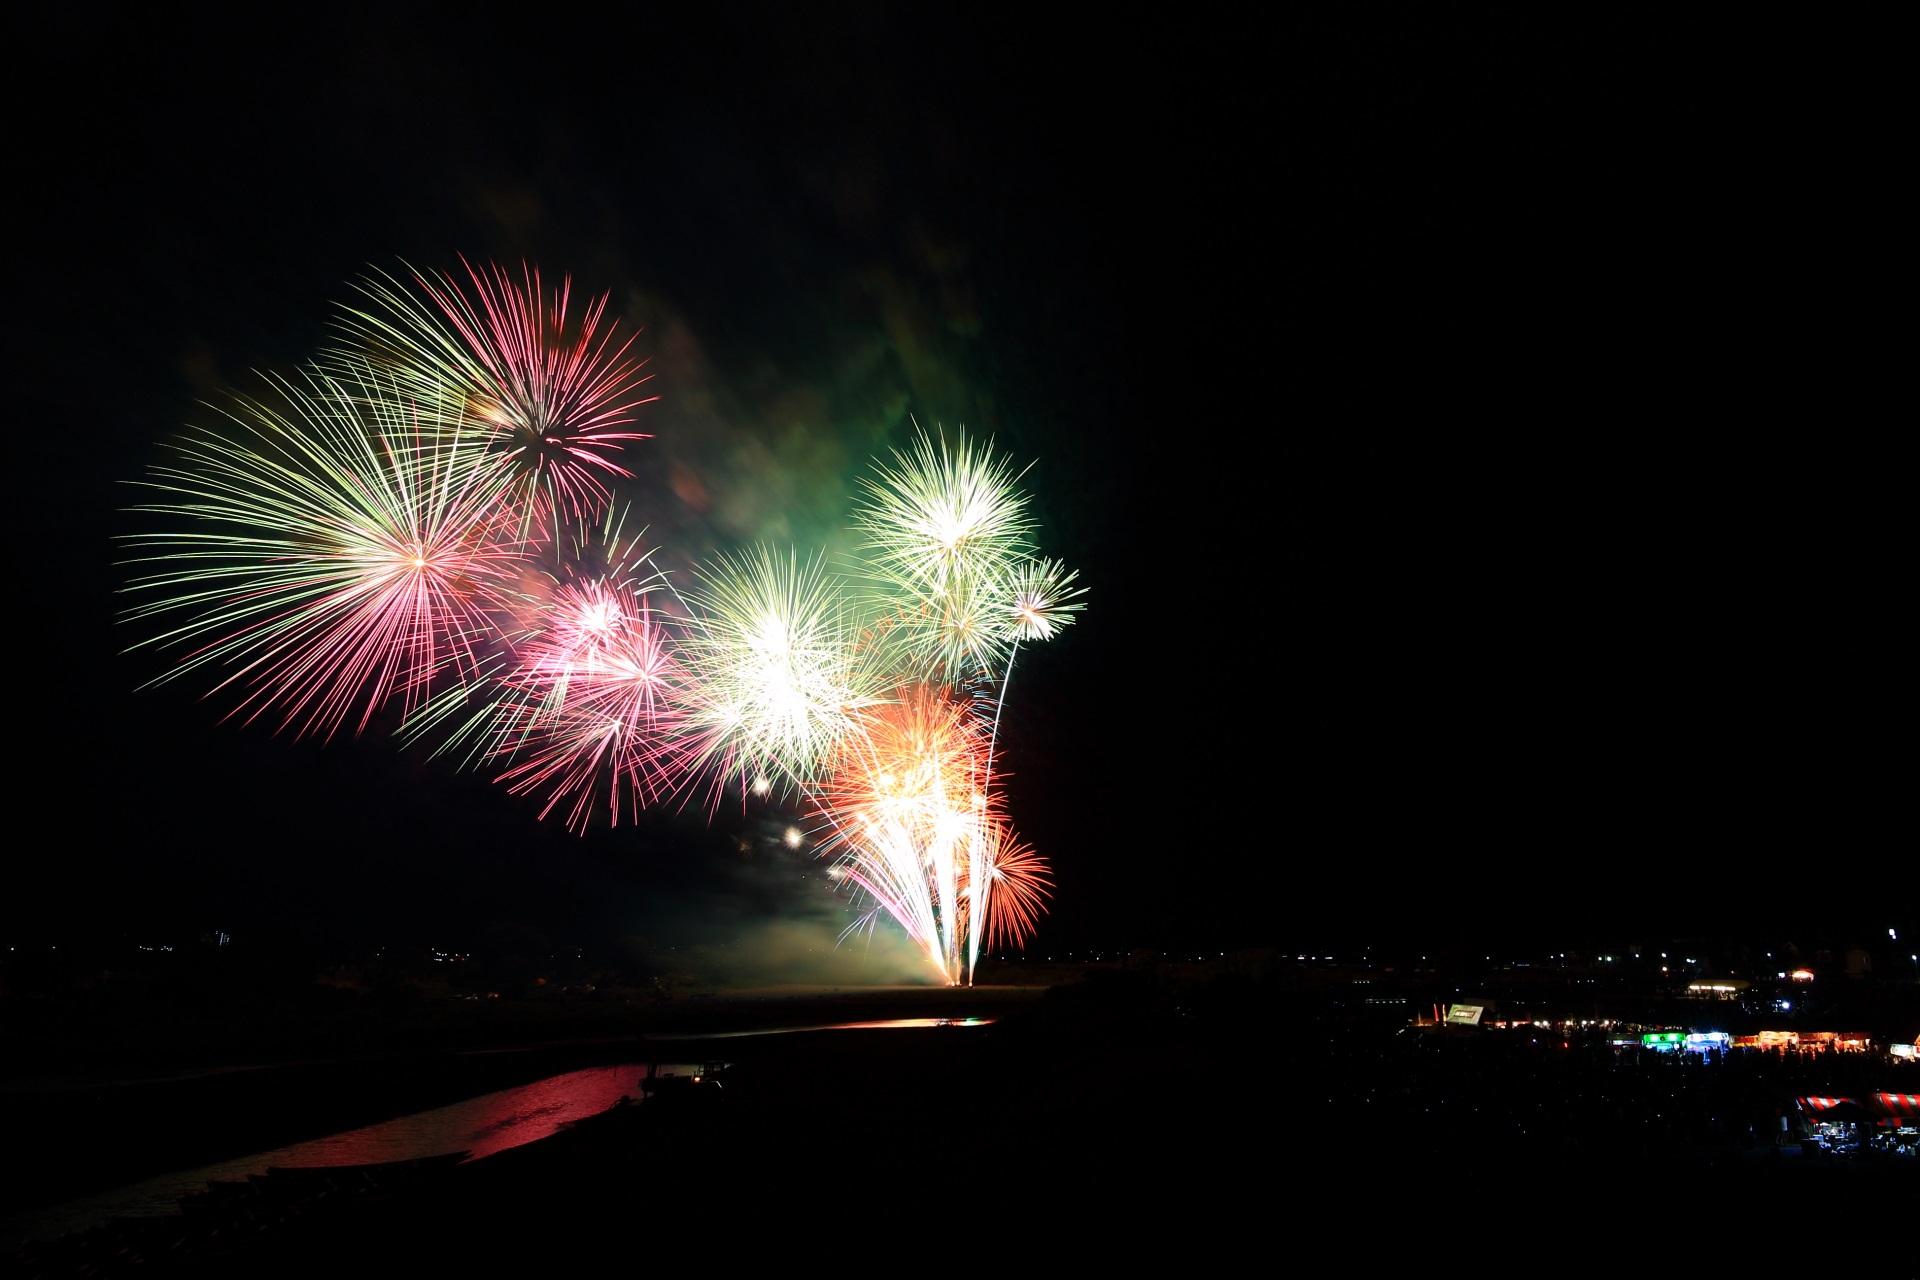 亀岡花火大会の開くにつれて色が変化する花火